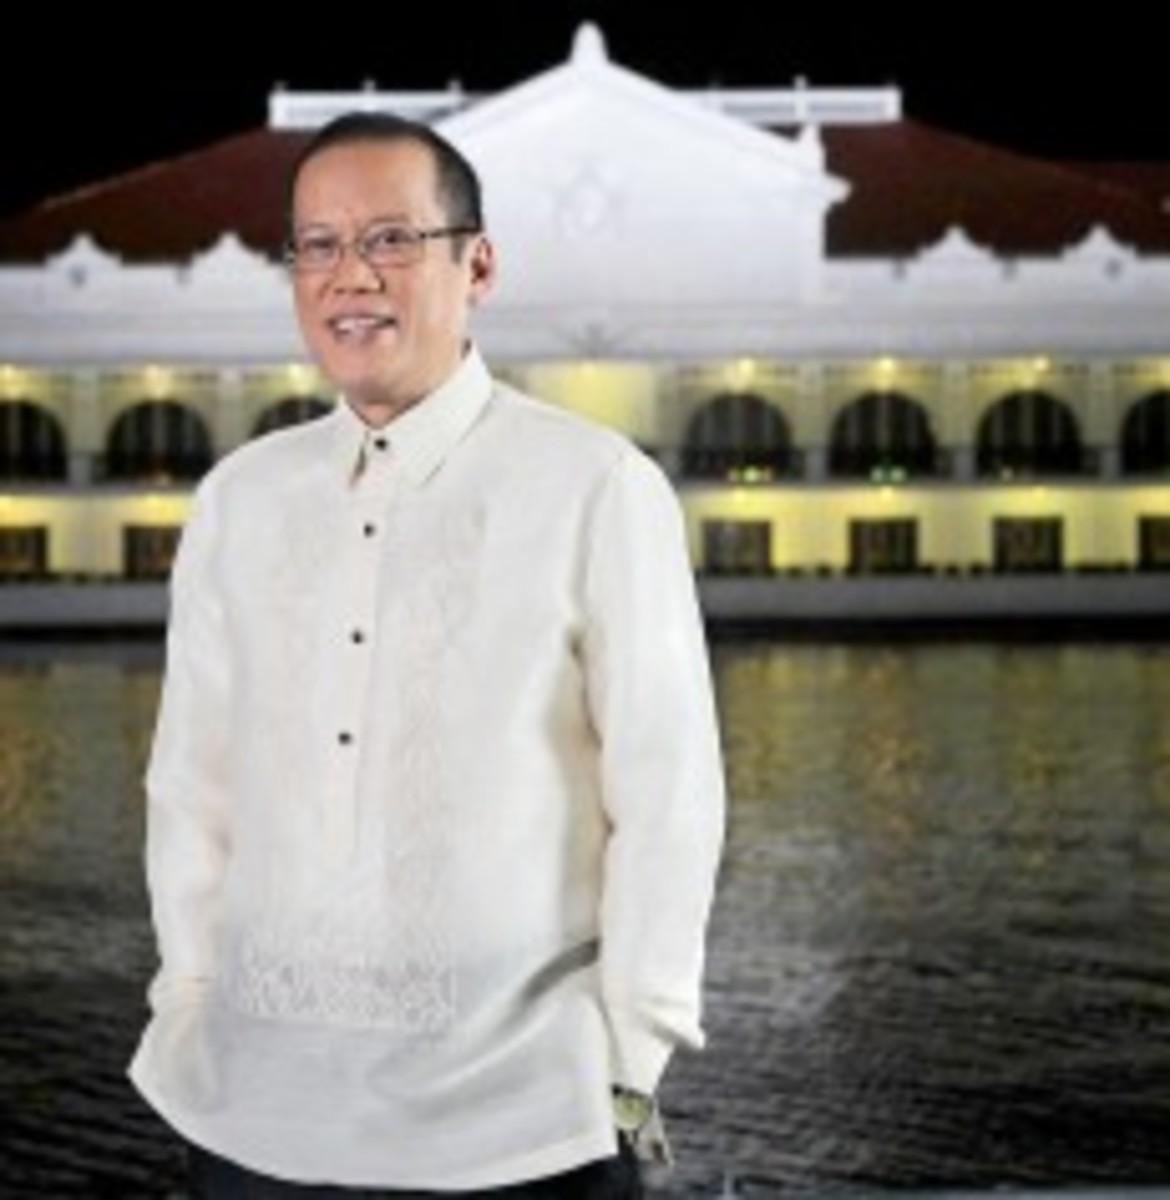 15th President of the Republic of the Philippines, Benigno Simeon Aquino I